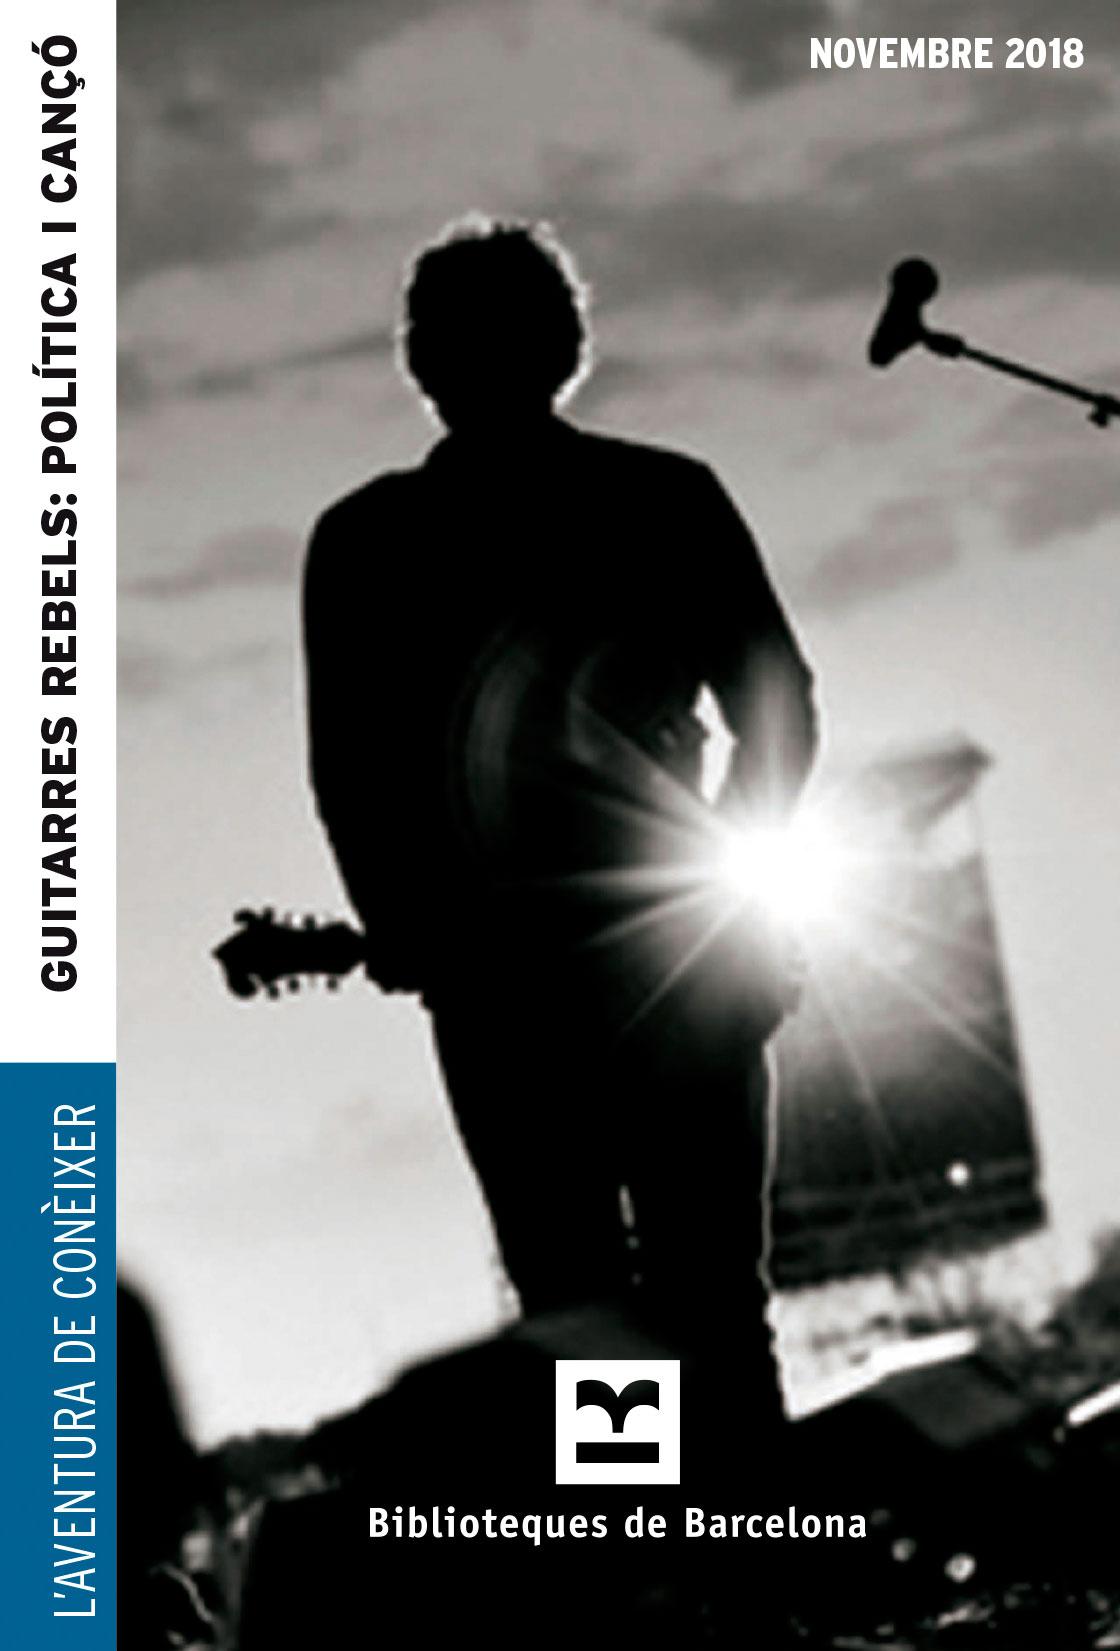 Guitarres rebels - L'aventura de conèixr